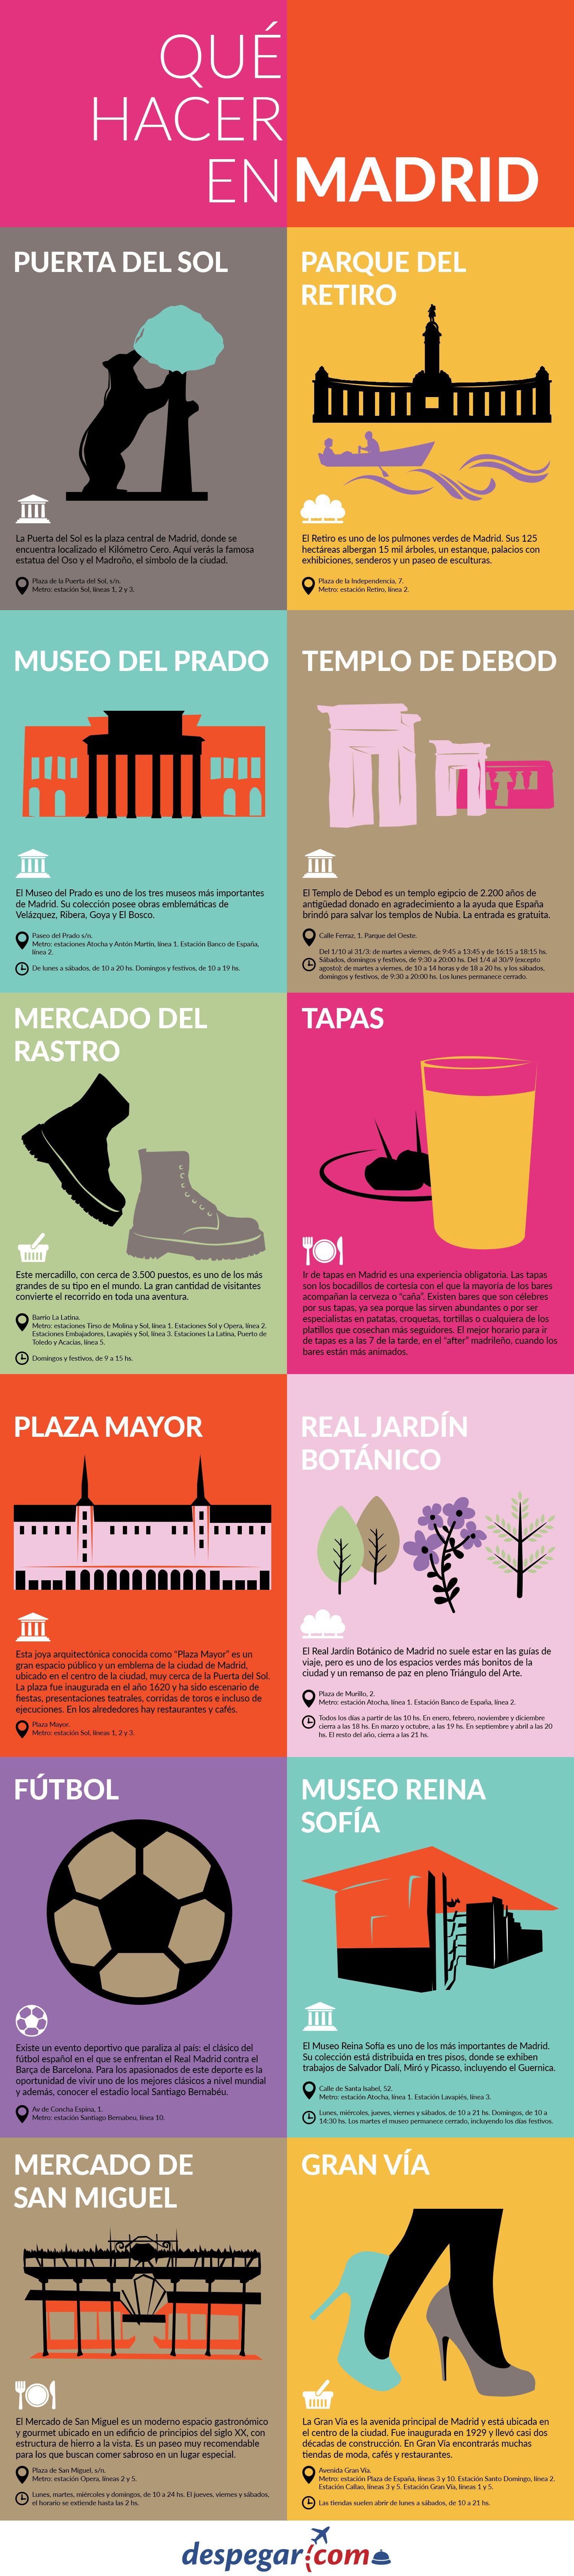 10 Cosas Que Hacer En Grecia Blog De Viajes Y Turismo Que Hacer En Madrid Viaje A Madrid Viajes